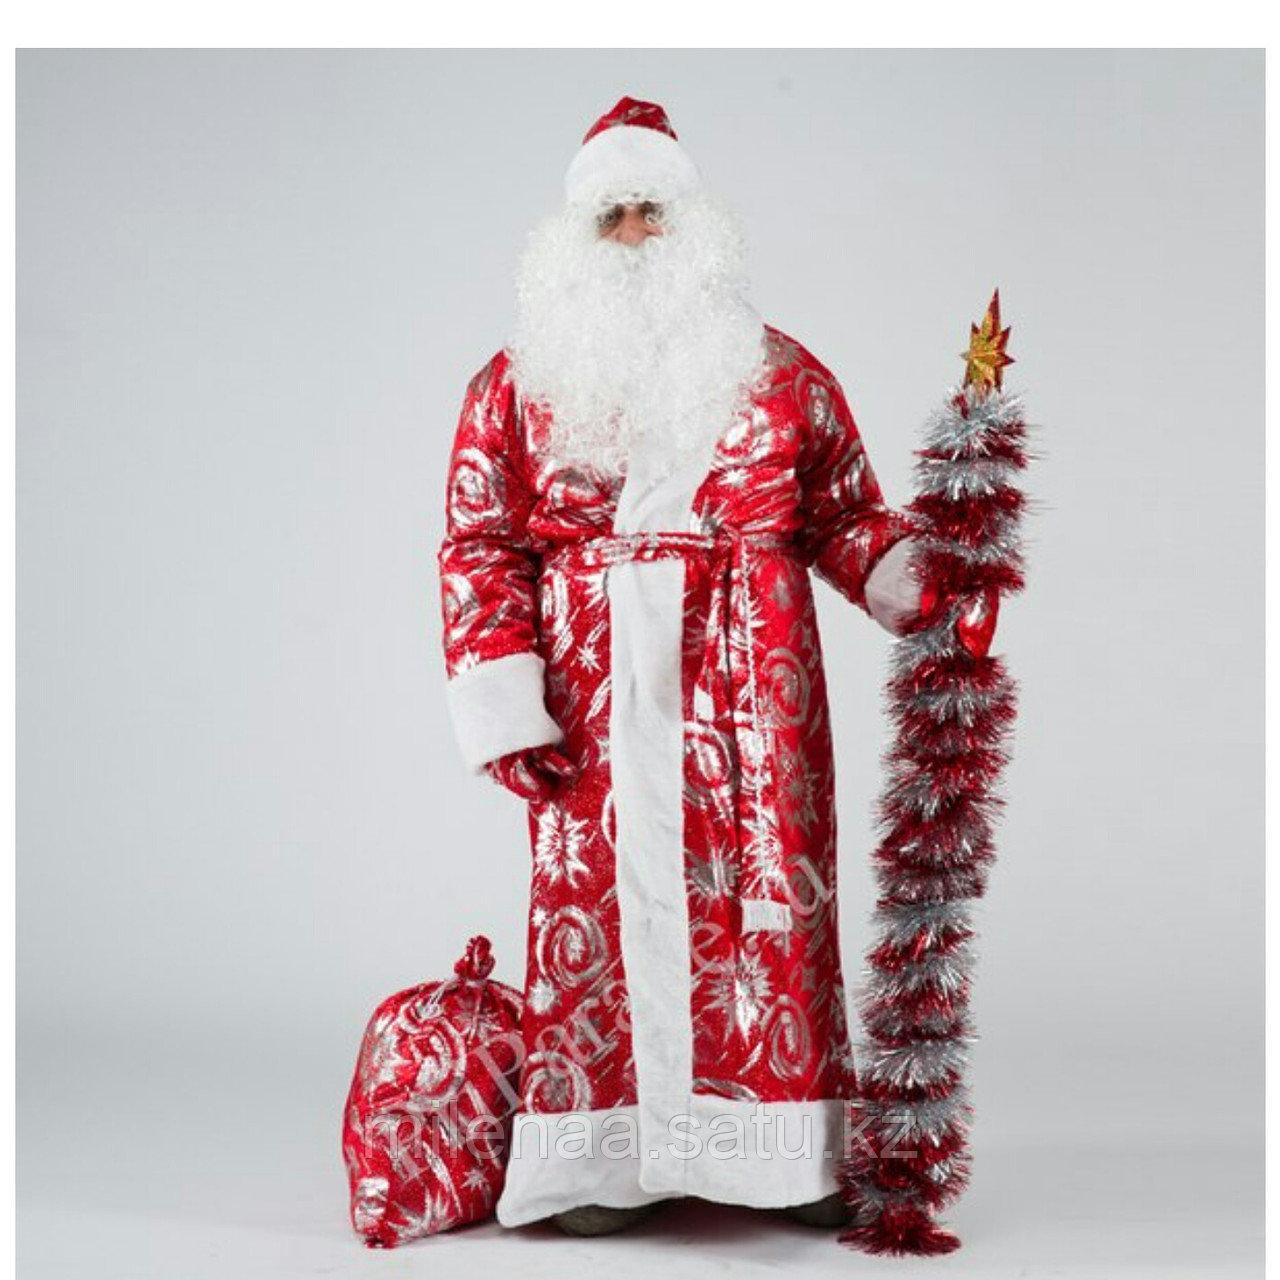 Дед мороз на Новый год порадуйте своих деток сказочным персонажем,Красивый костюм деда мороза